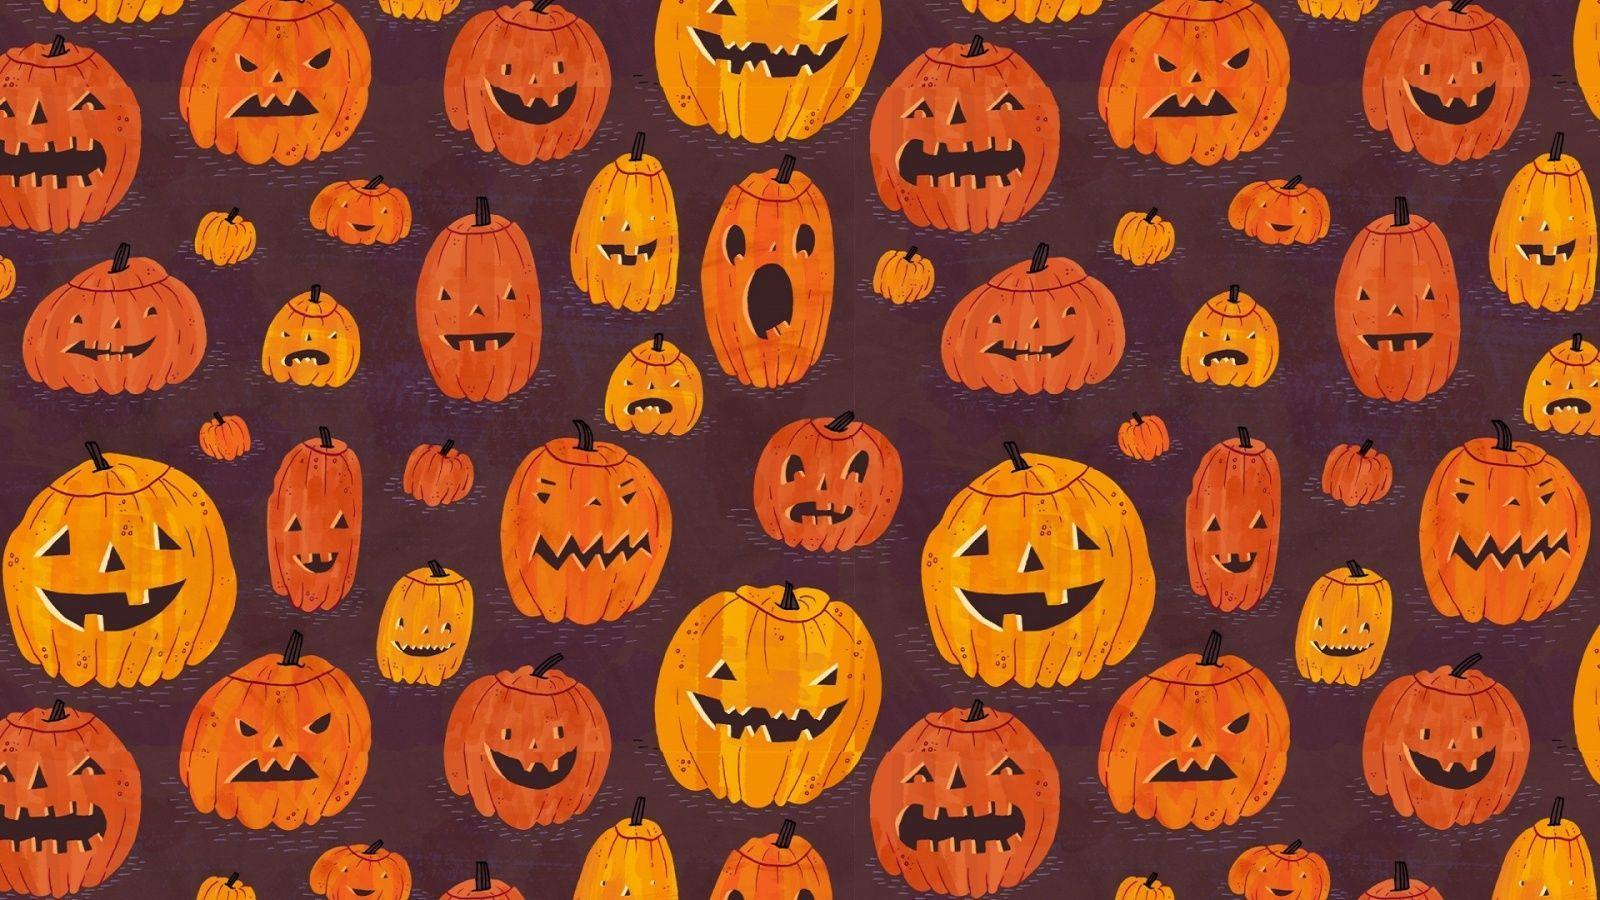 Halloween Desktop Aesthetic Wallpapers Wallpaper Cave